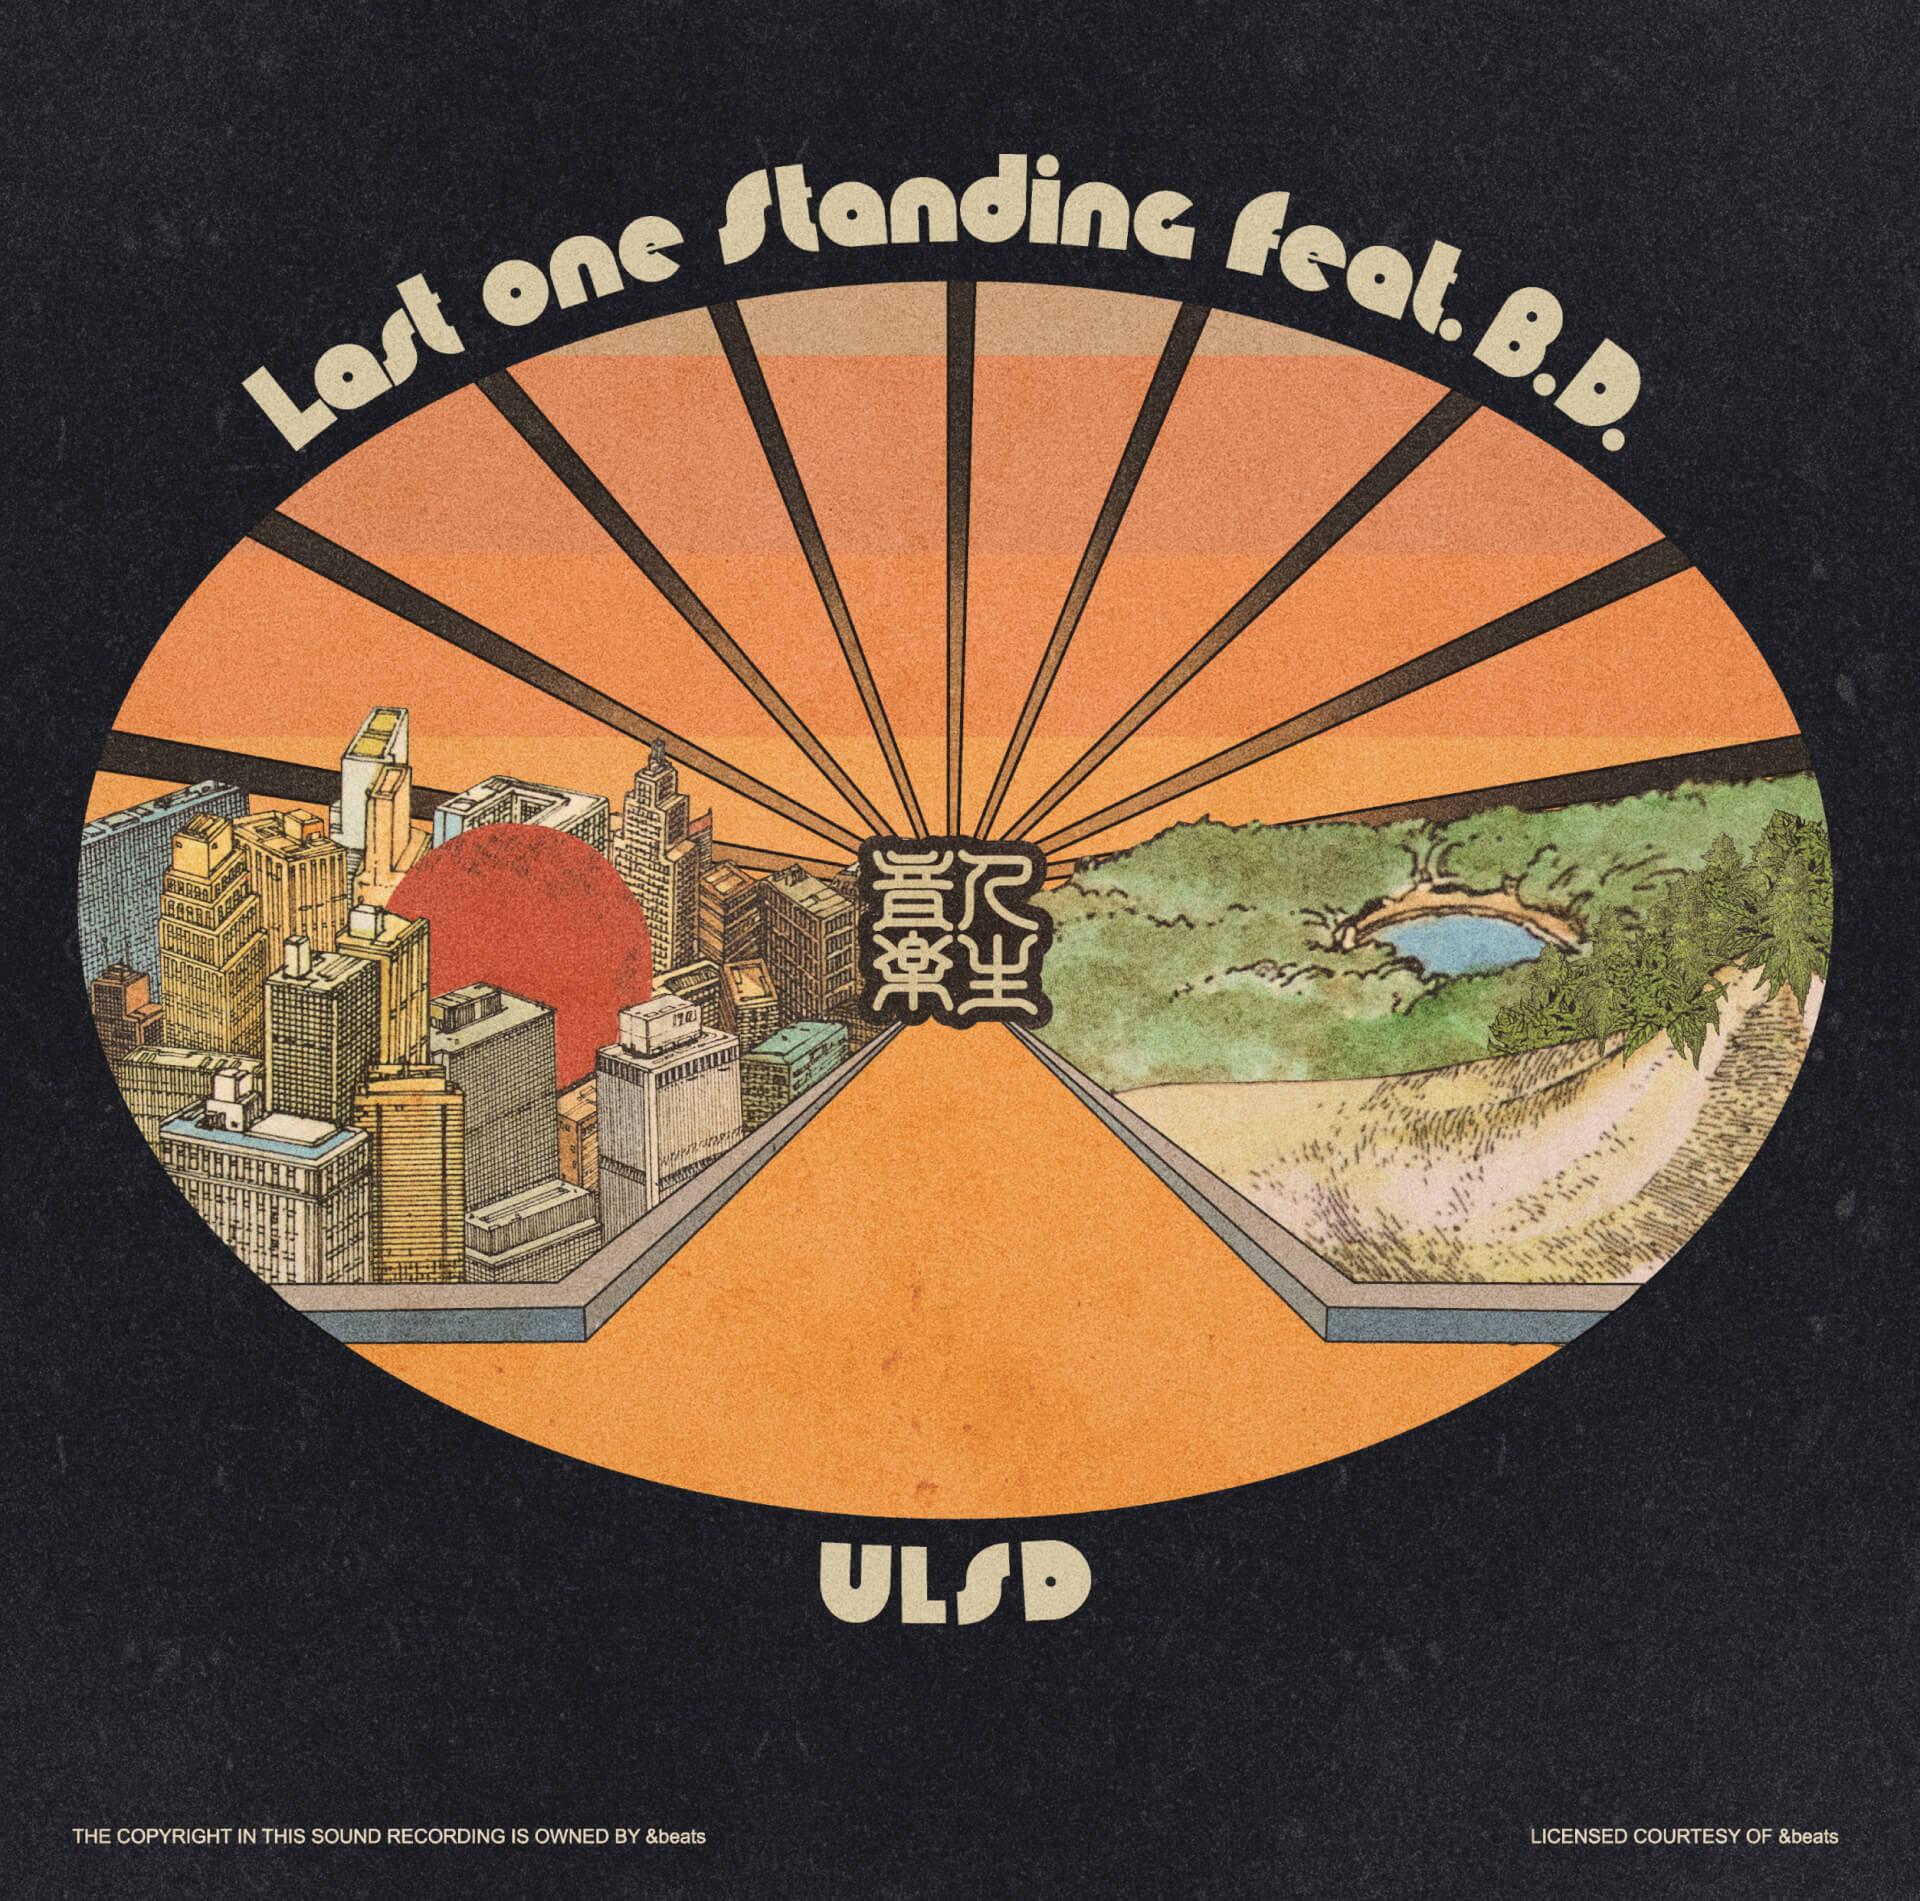 Kojoe、B.I.G. JOE、B.D.らが参加するVIBEPAK・ULSDの1stアルバム『Legacy』がリリース決定!収録曲のMV公開&先行配信もスタート music201105_ULSD_3